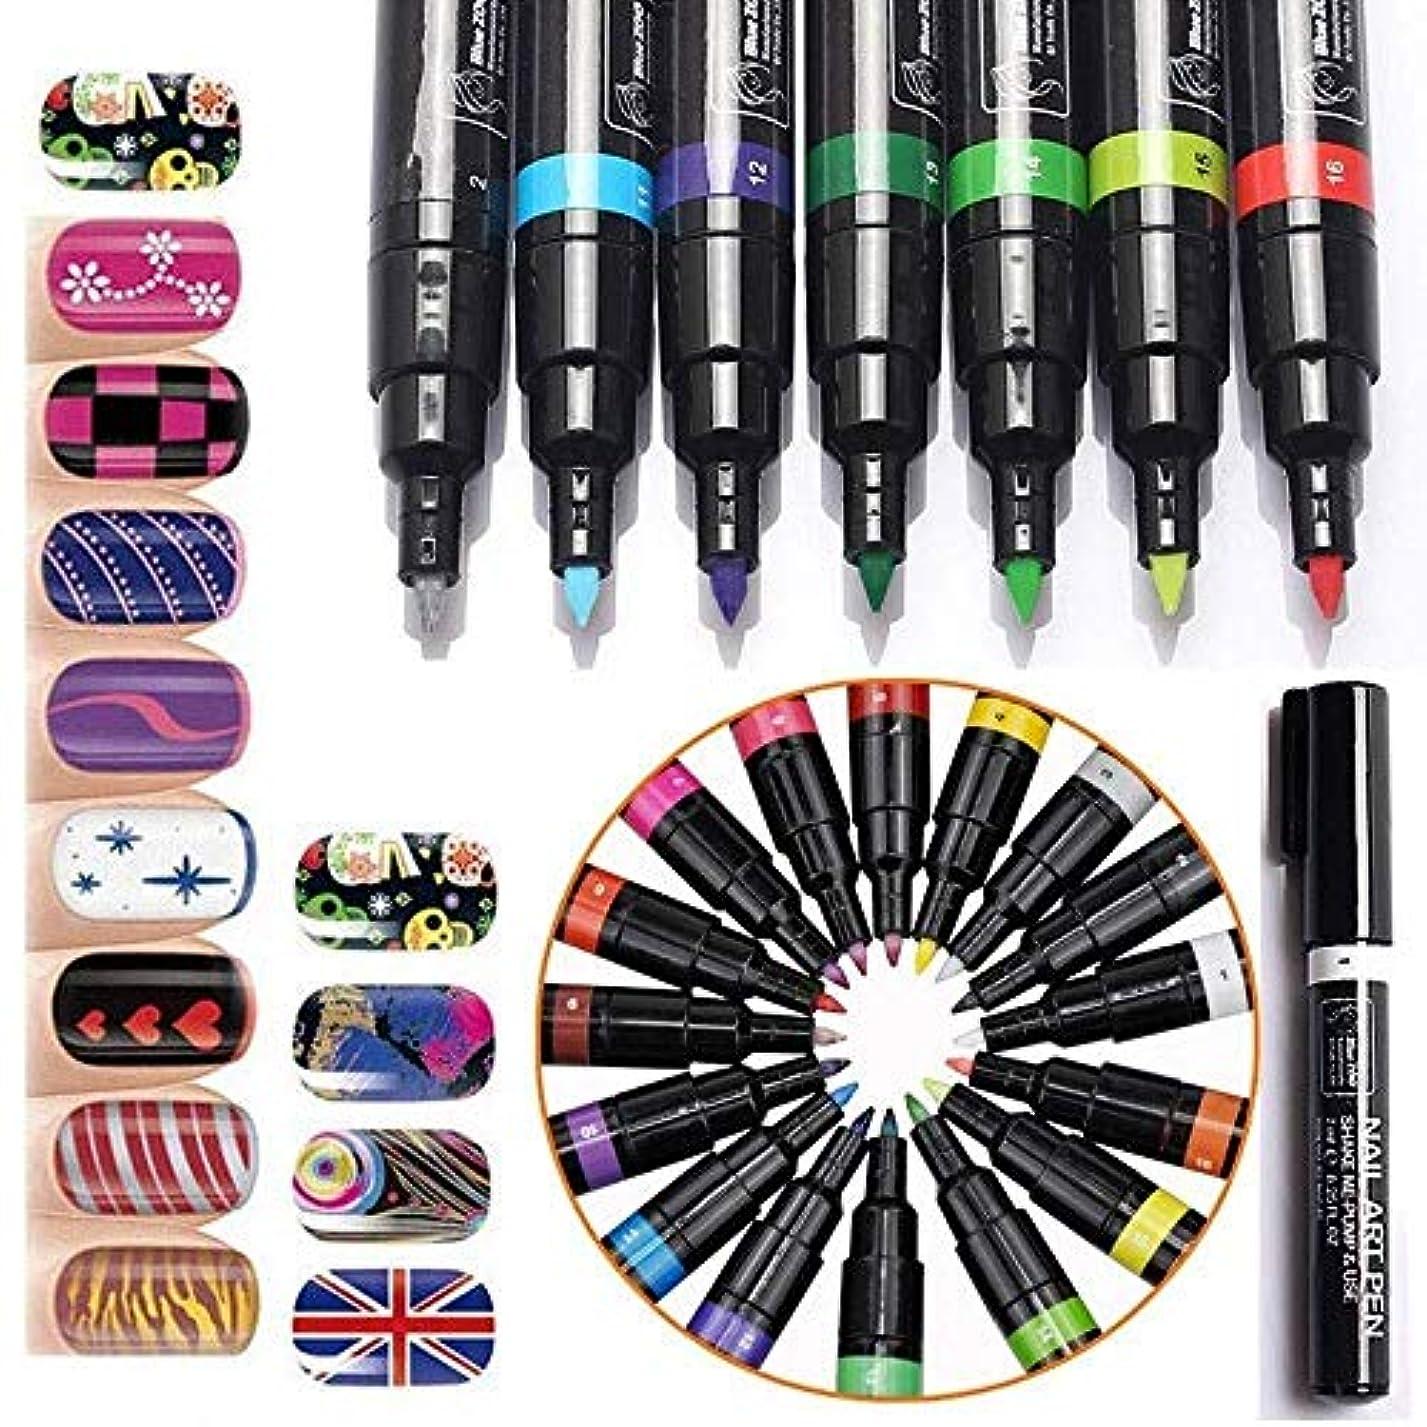 対立アルファベット死ぬカラー ネイルアートペン 3Dネイルペン ネイルアートペン ネイルマニキュア液 ペイントペン ペイント DIY 16色 装飾図面ドットポリッシュペン セット